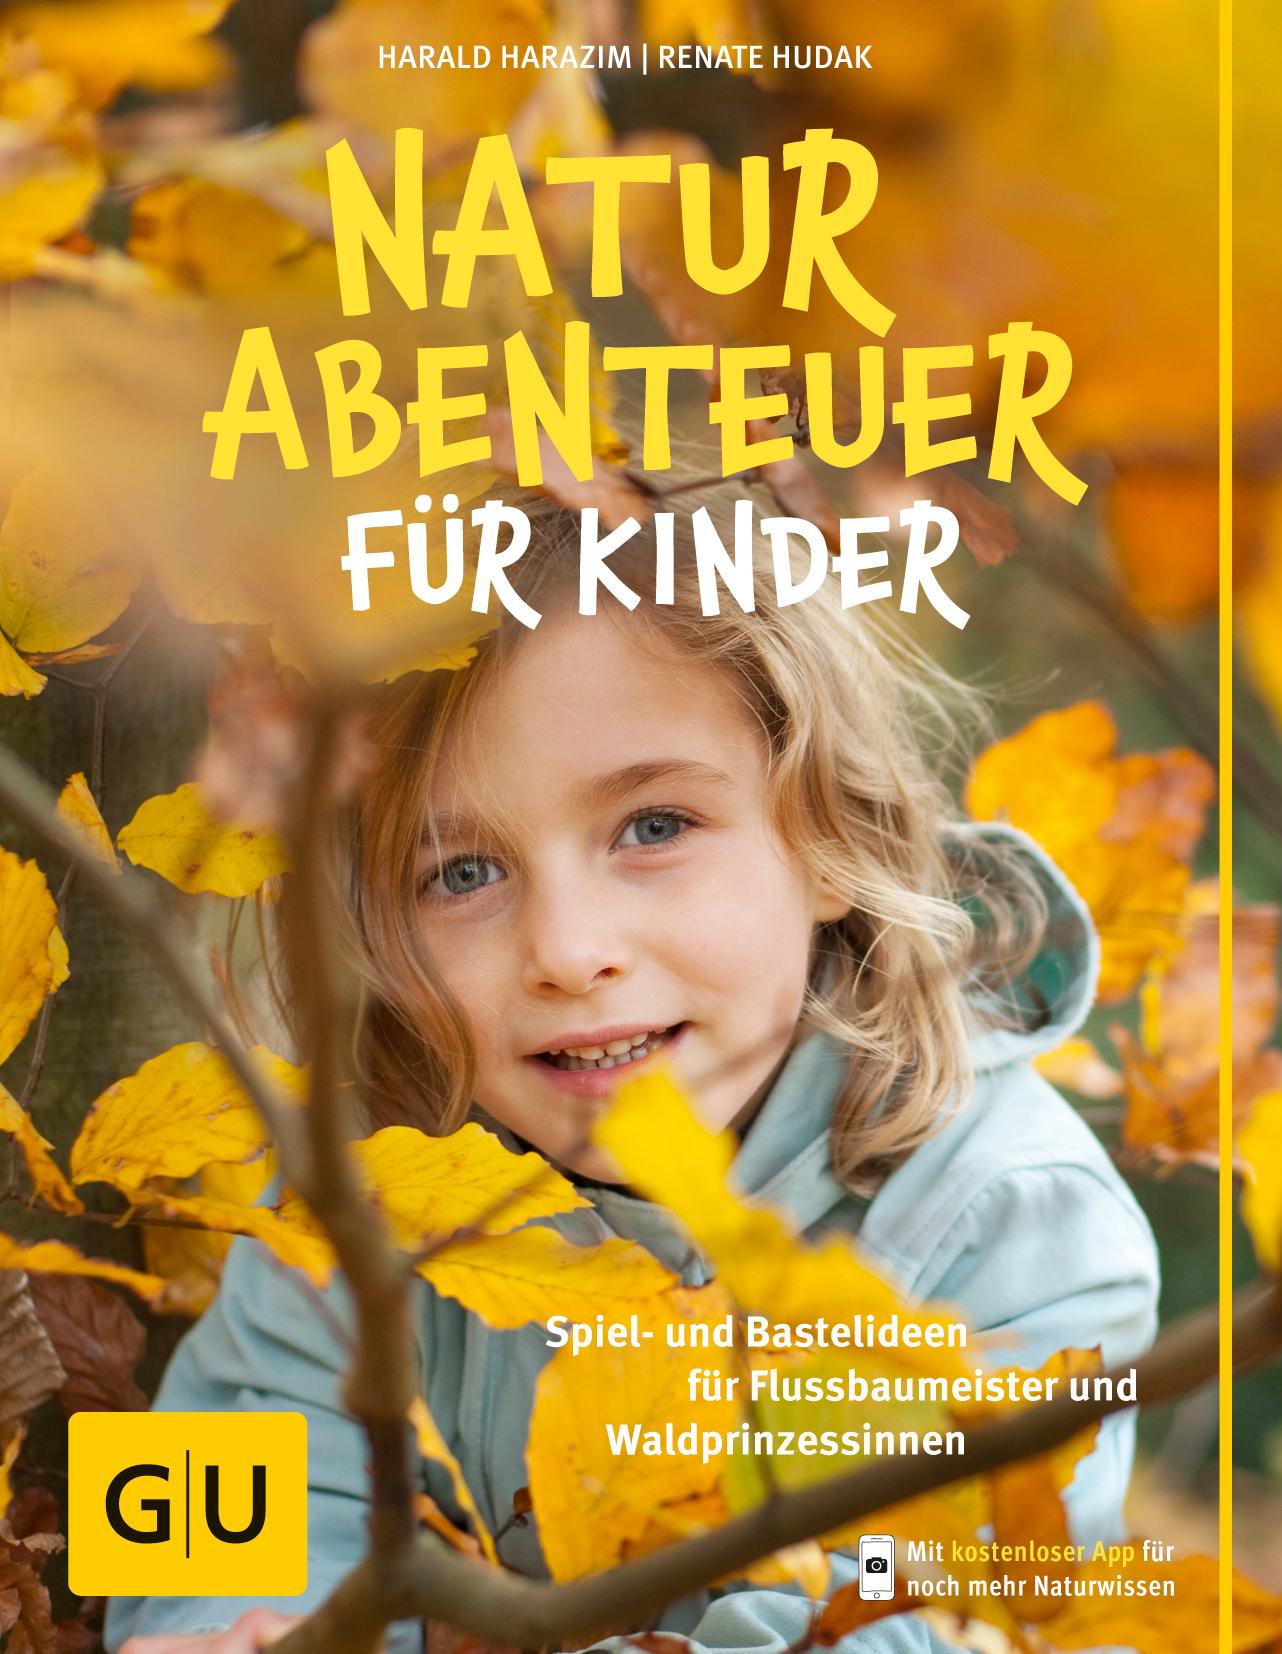 Naturabenteuer für Kinder: Spiel - und Bastelideen für Flussbaumeister und Waldprinzessinnen - Harald Harazim